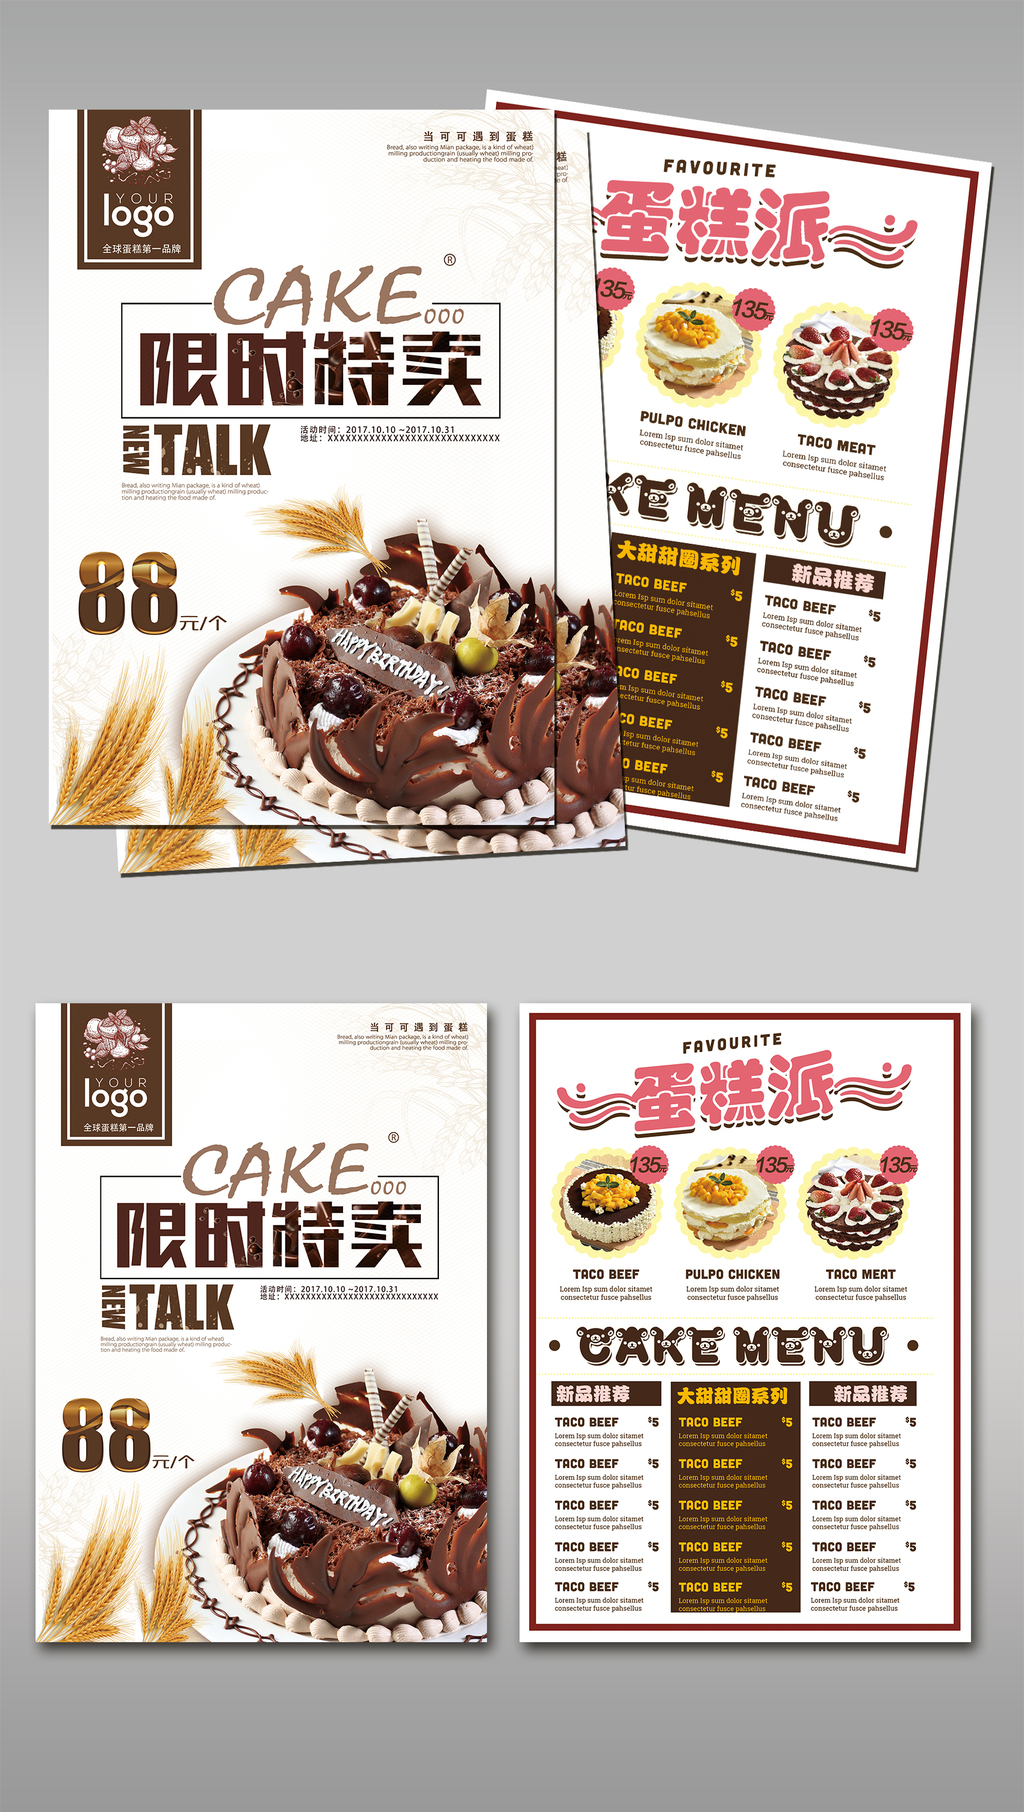 2017年奶油蛋糕店开业宣传单模板图片设计素材_高清(.